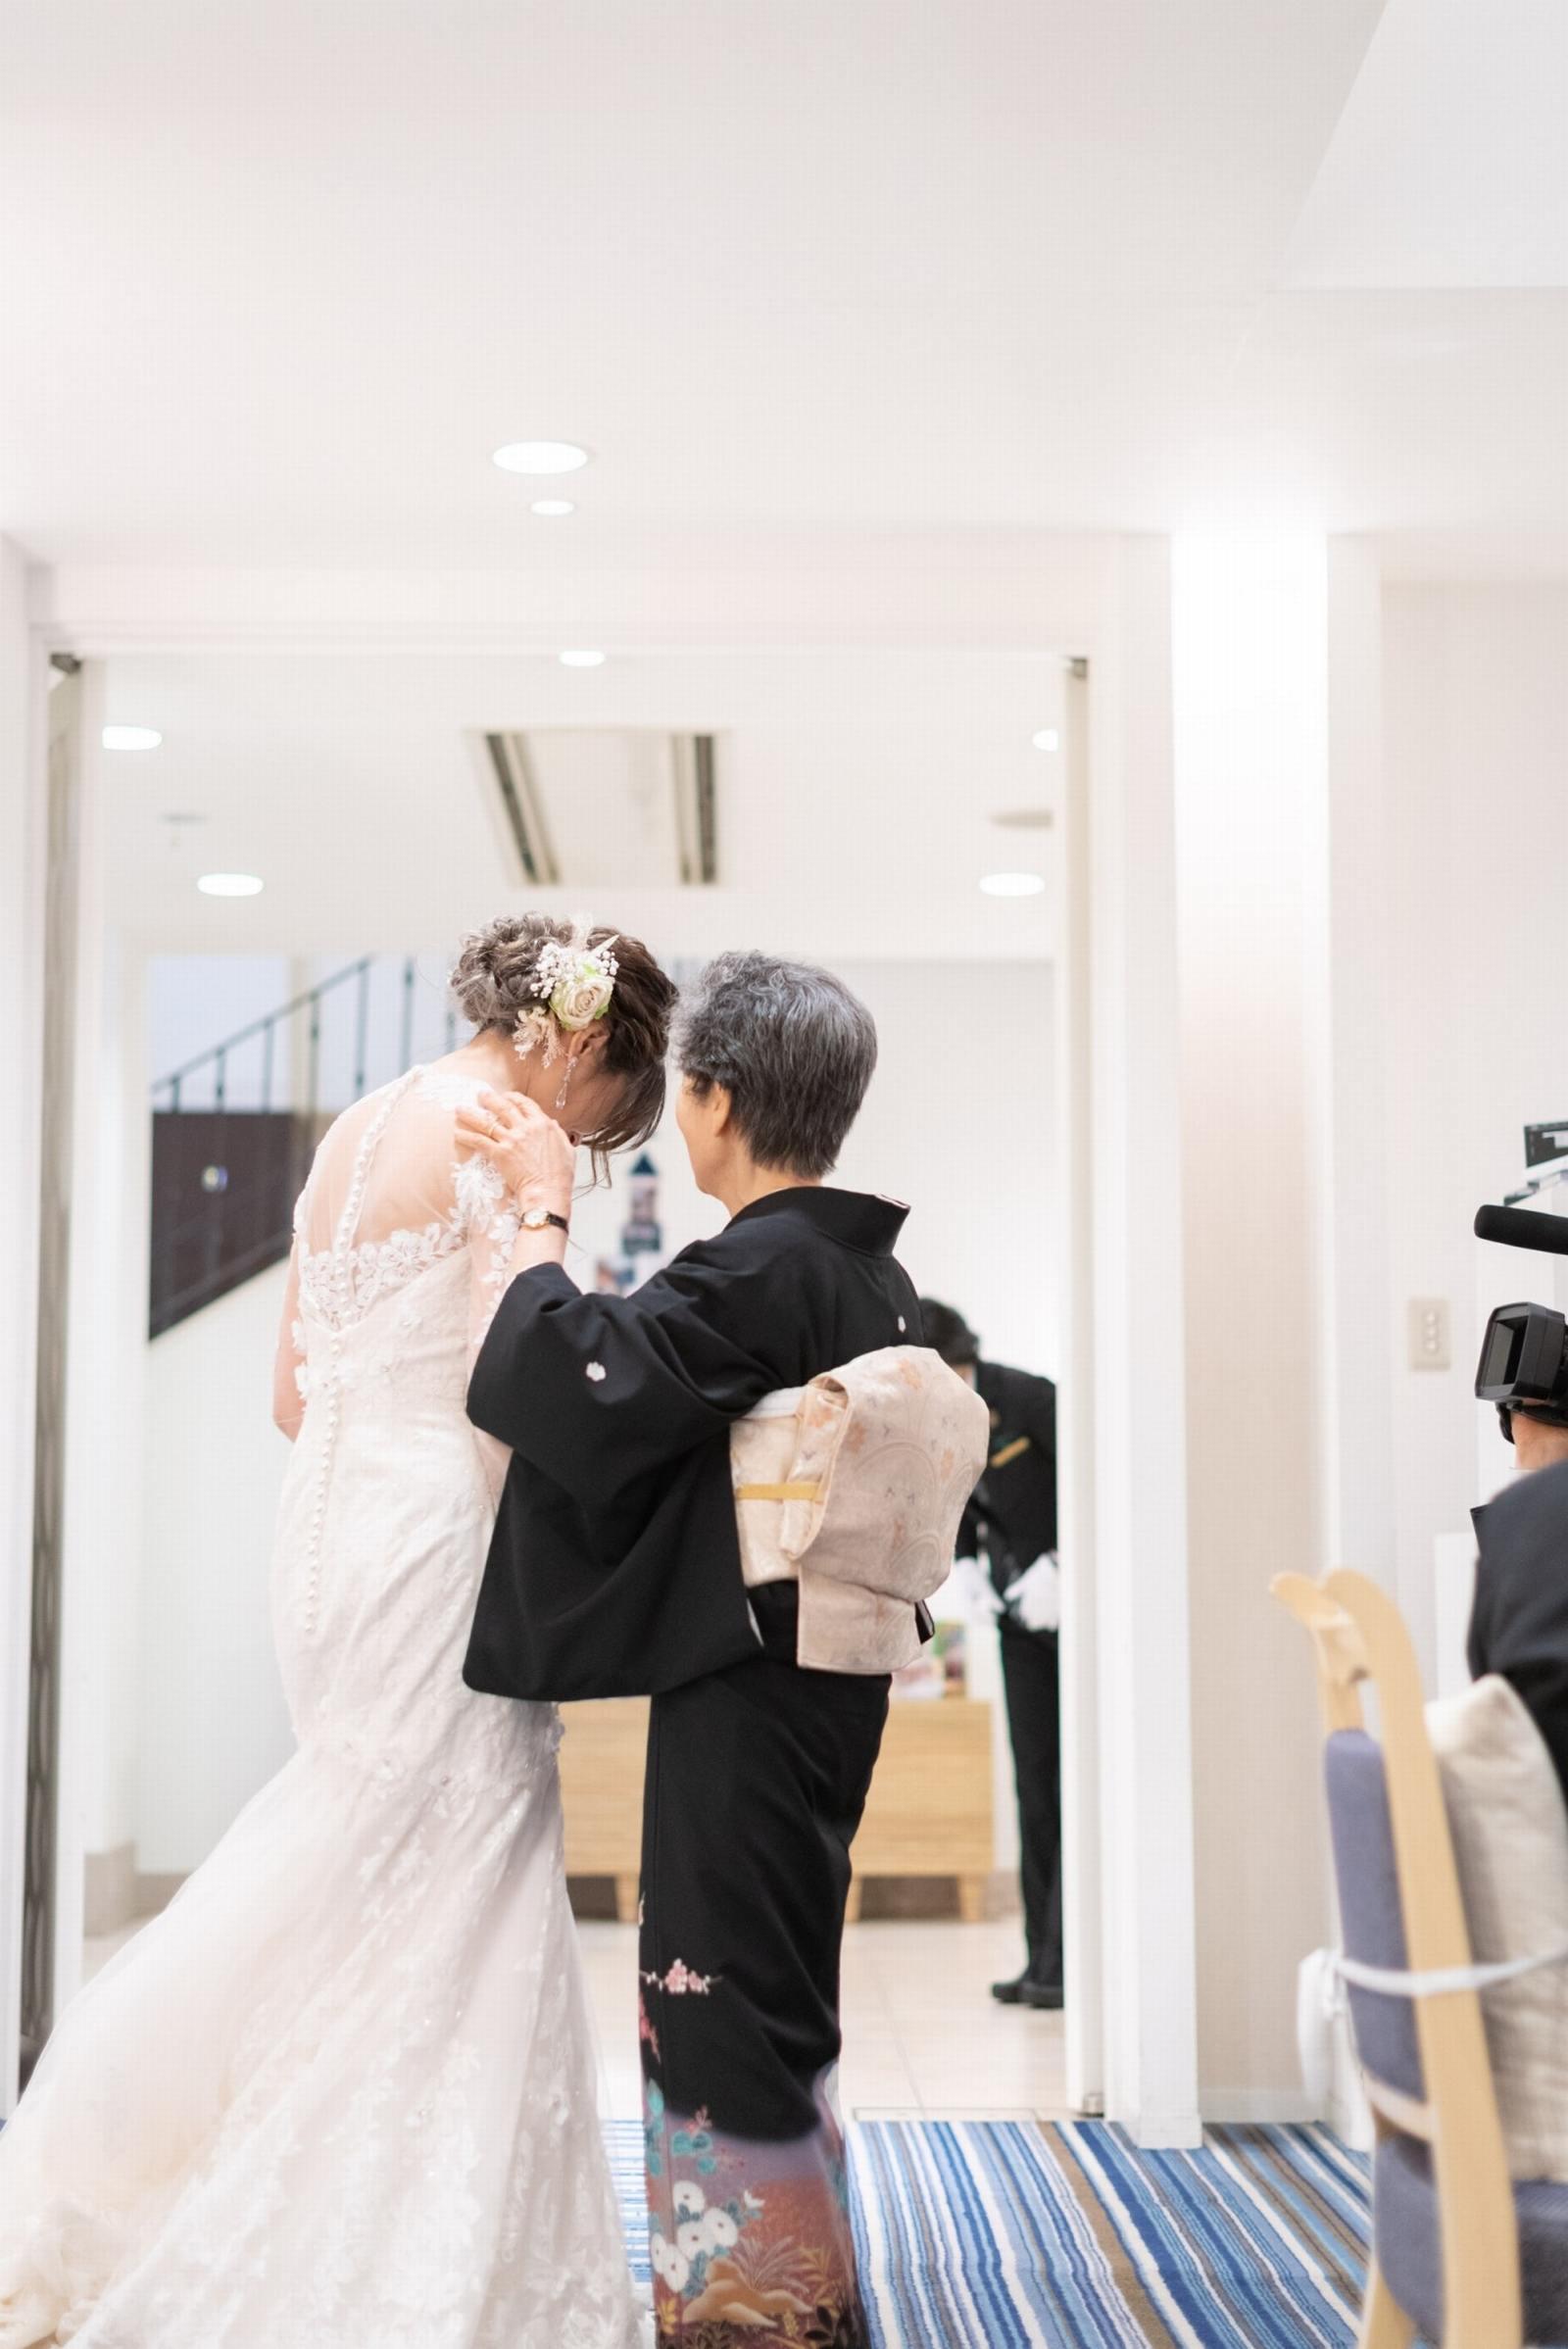 香川県の結婚式場シェルエメール&アイスタイル お色直し退場